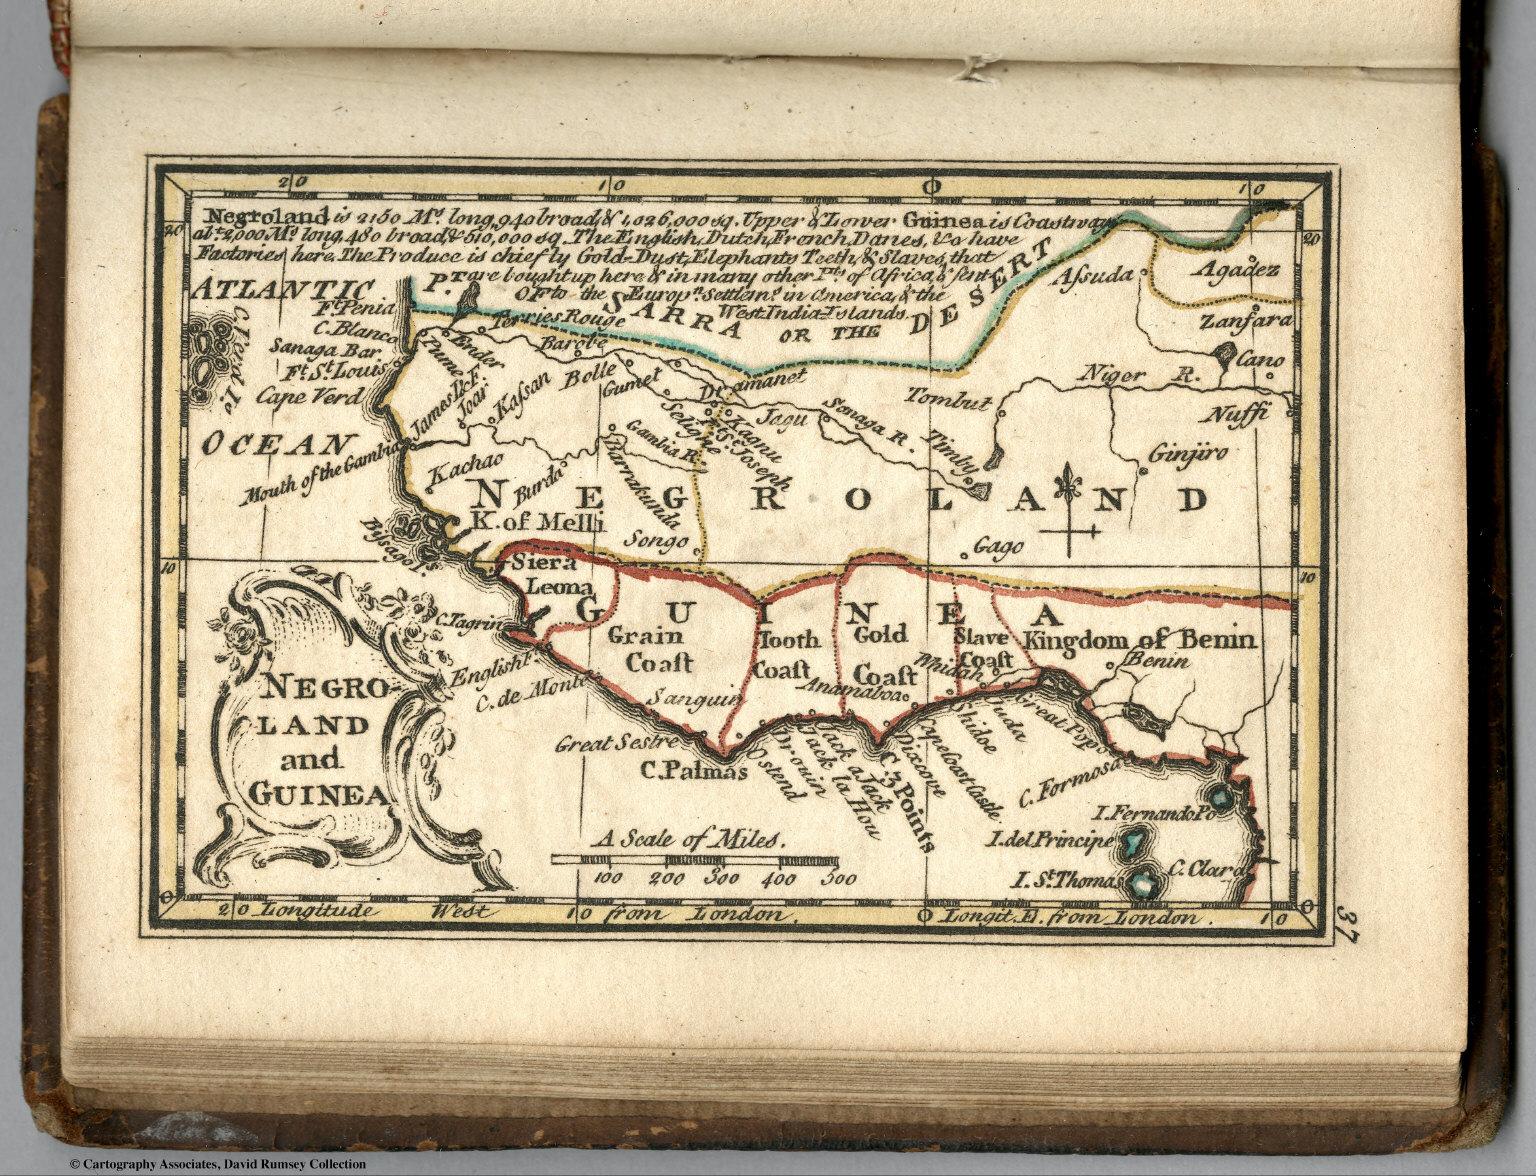 Negro Land In Guinea